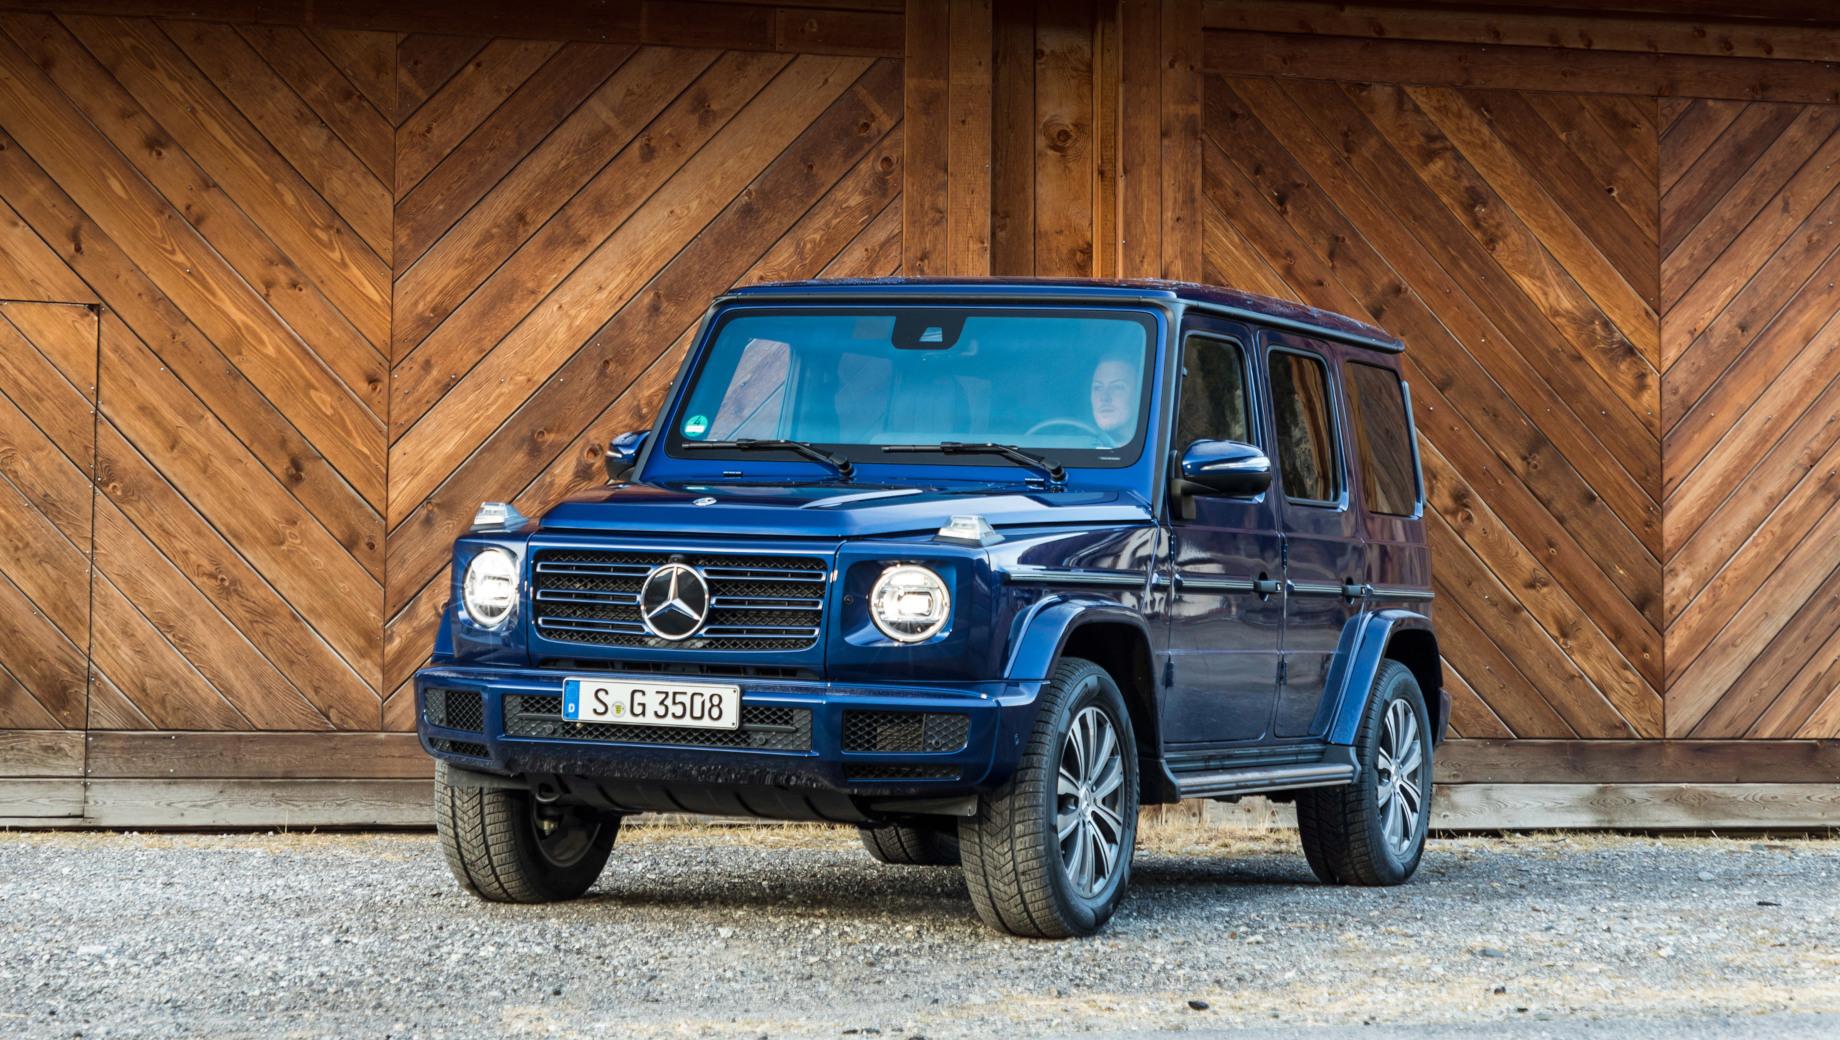 Mercedes g. В прошлом году в России нашёл покупателей 1391 экземпляр Гелендвагена, и это была четвёртая строчка в сегменте. Нынешний диапазон цен: от 7,94 млн рублей за 249-сильную версию G 350 d до 13,83 млн за 585-сильный вариант G 63.